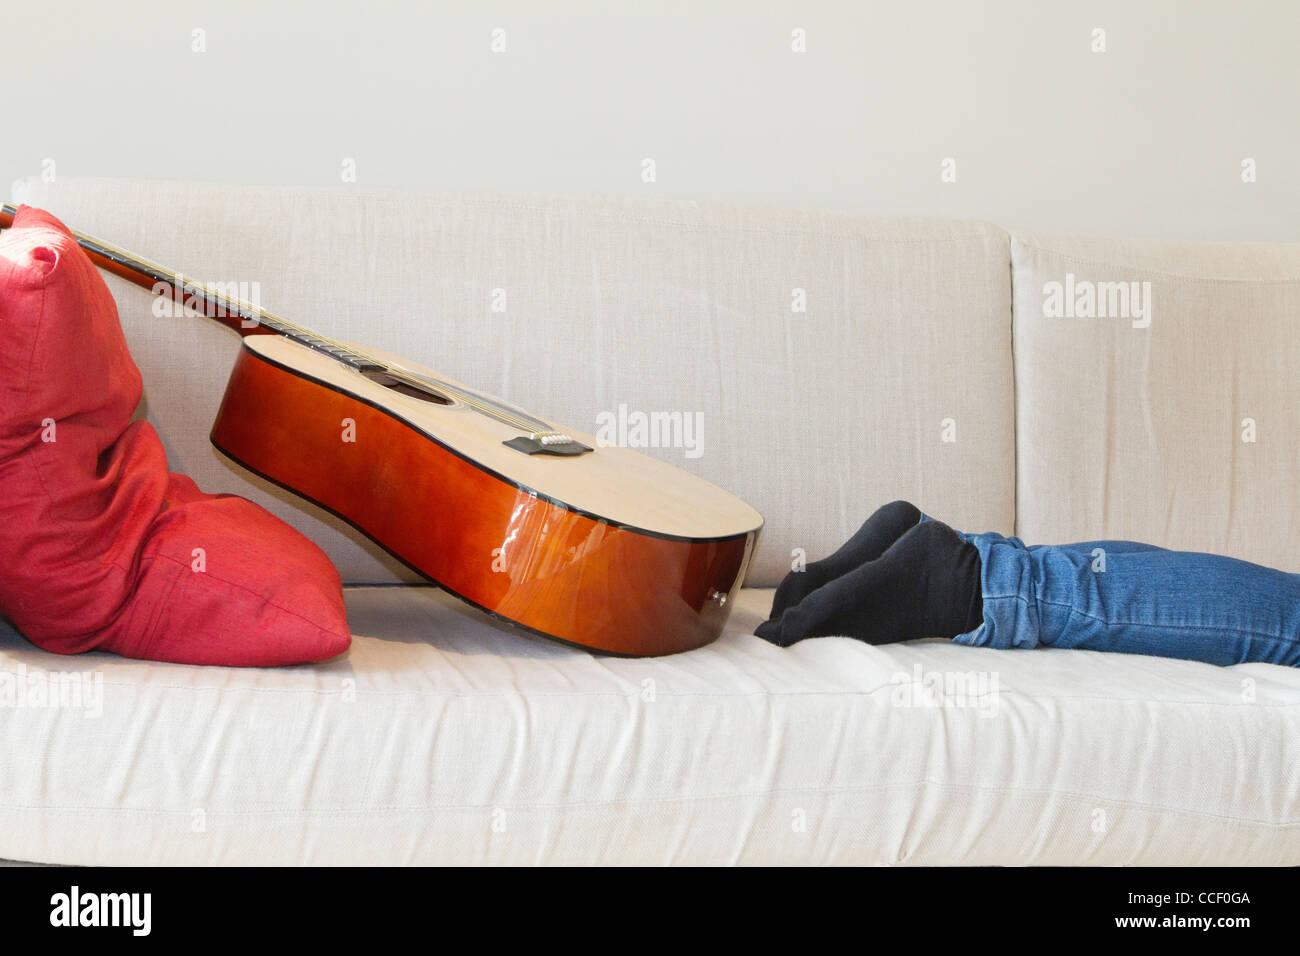 La section basse de la jambe de l'homme avec guitare conservés sur canapé Photo Stock